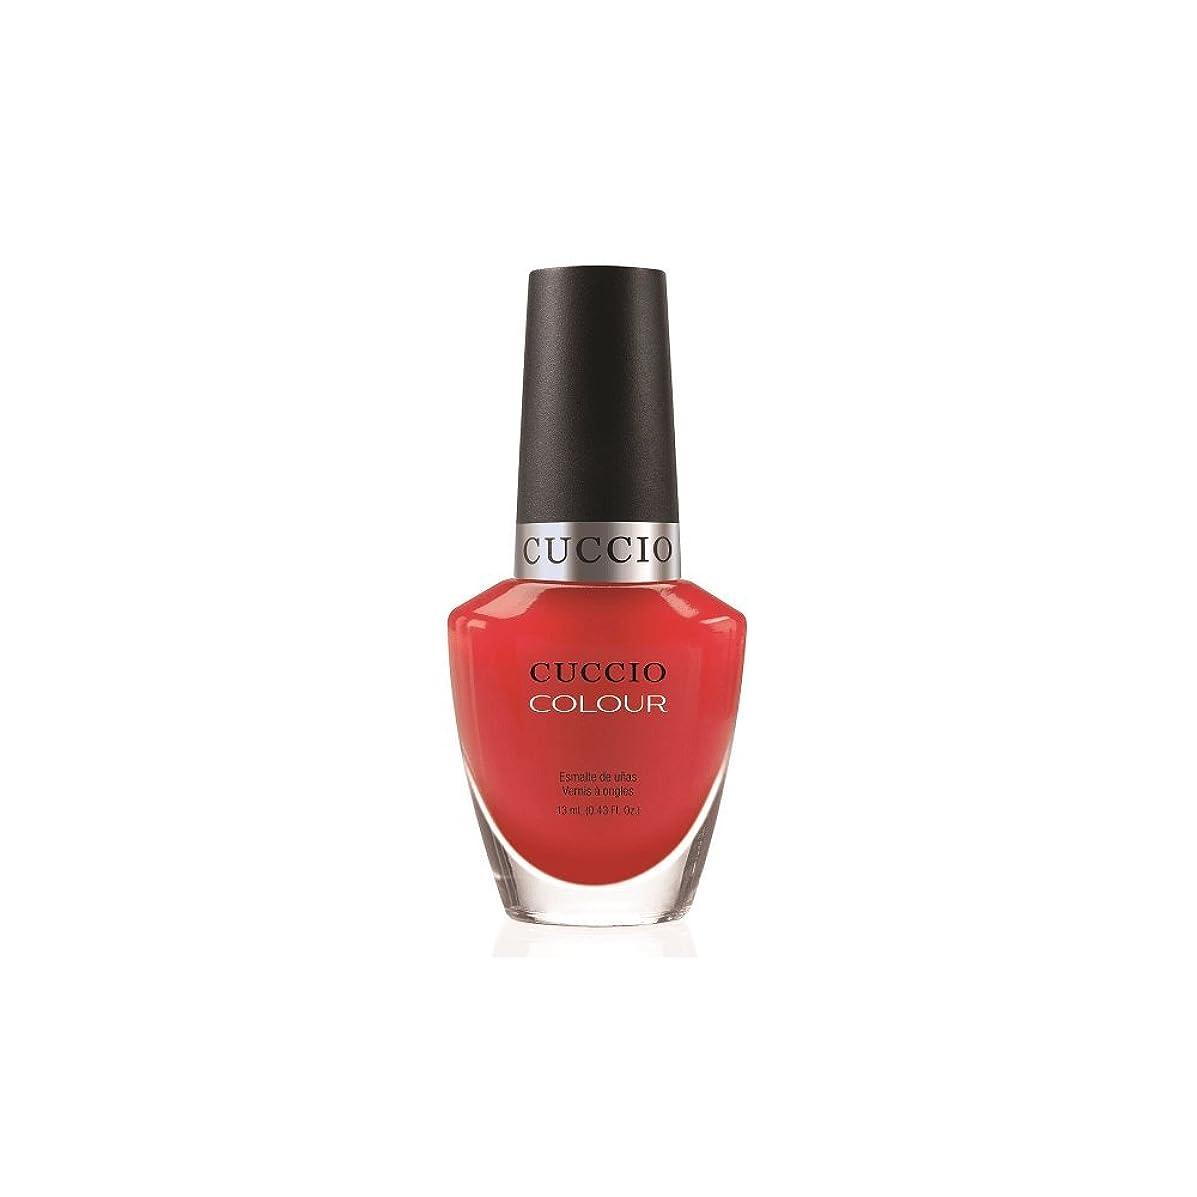 失望させる絶対の緯度Cuccio Colour Gloss Lacquer - Bloody Mary - 0.43oz / 13ml